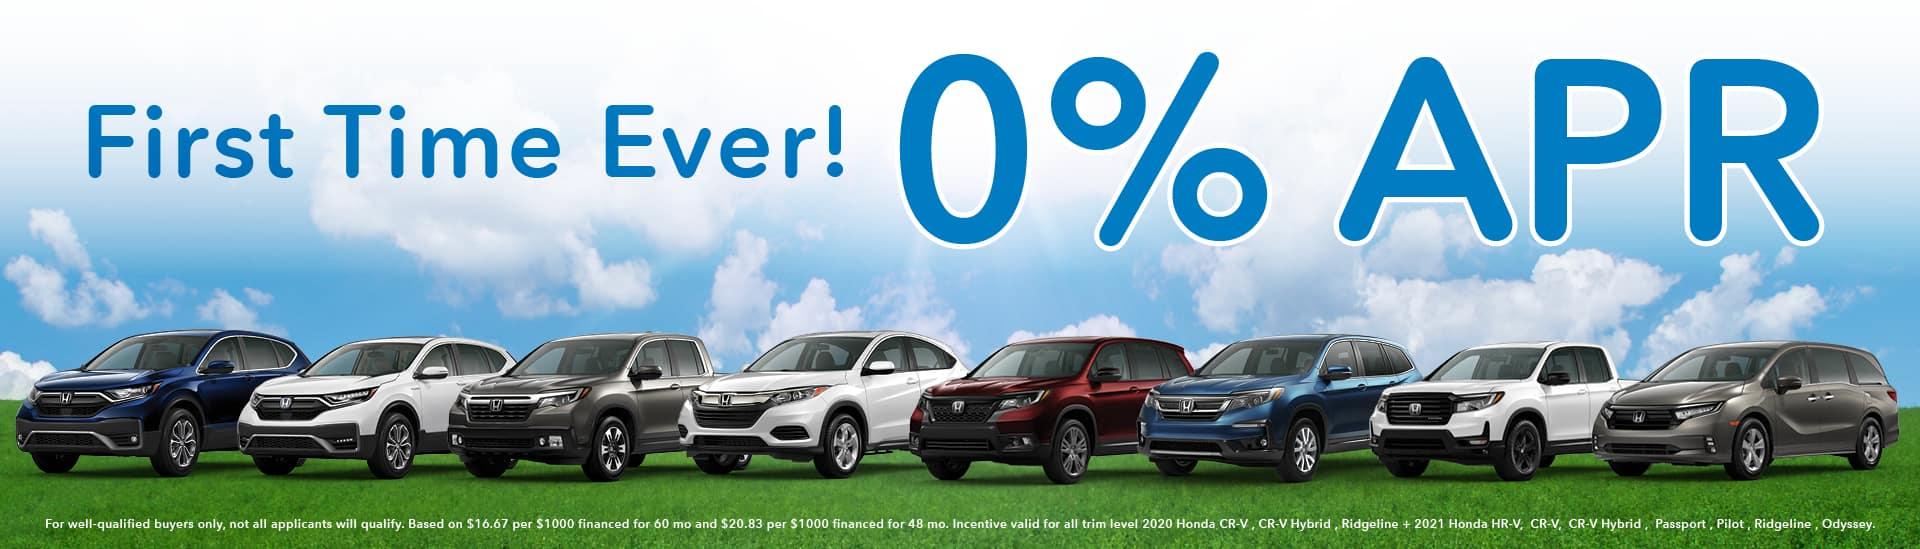 0% APR Offer | Van's Honda